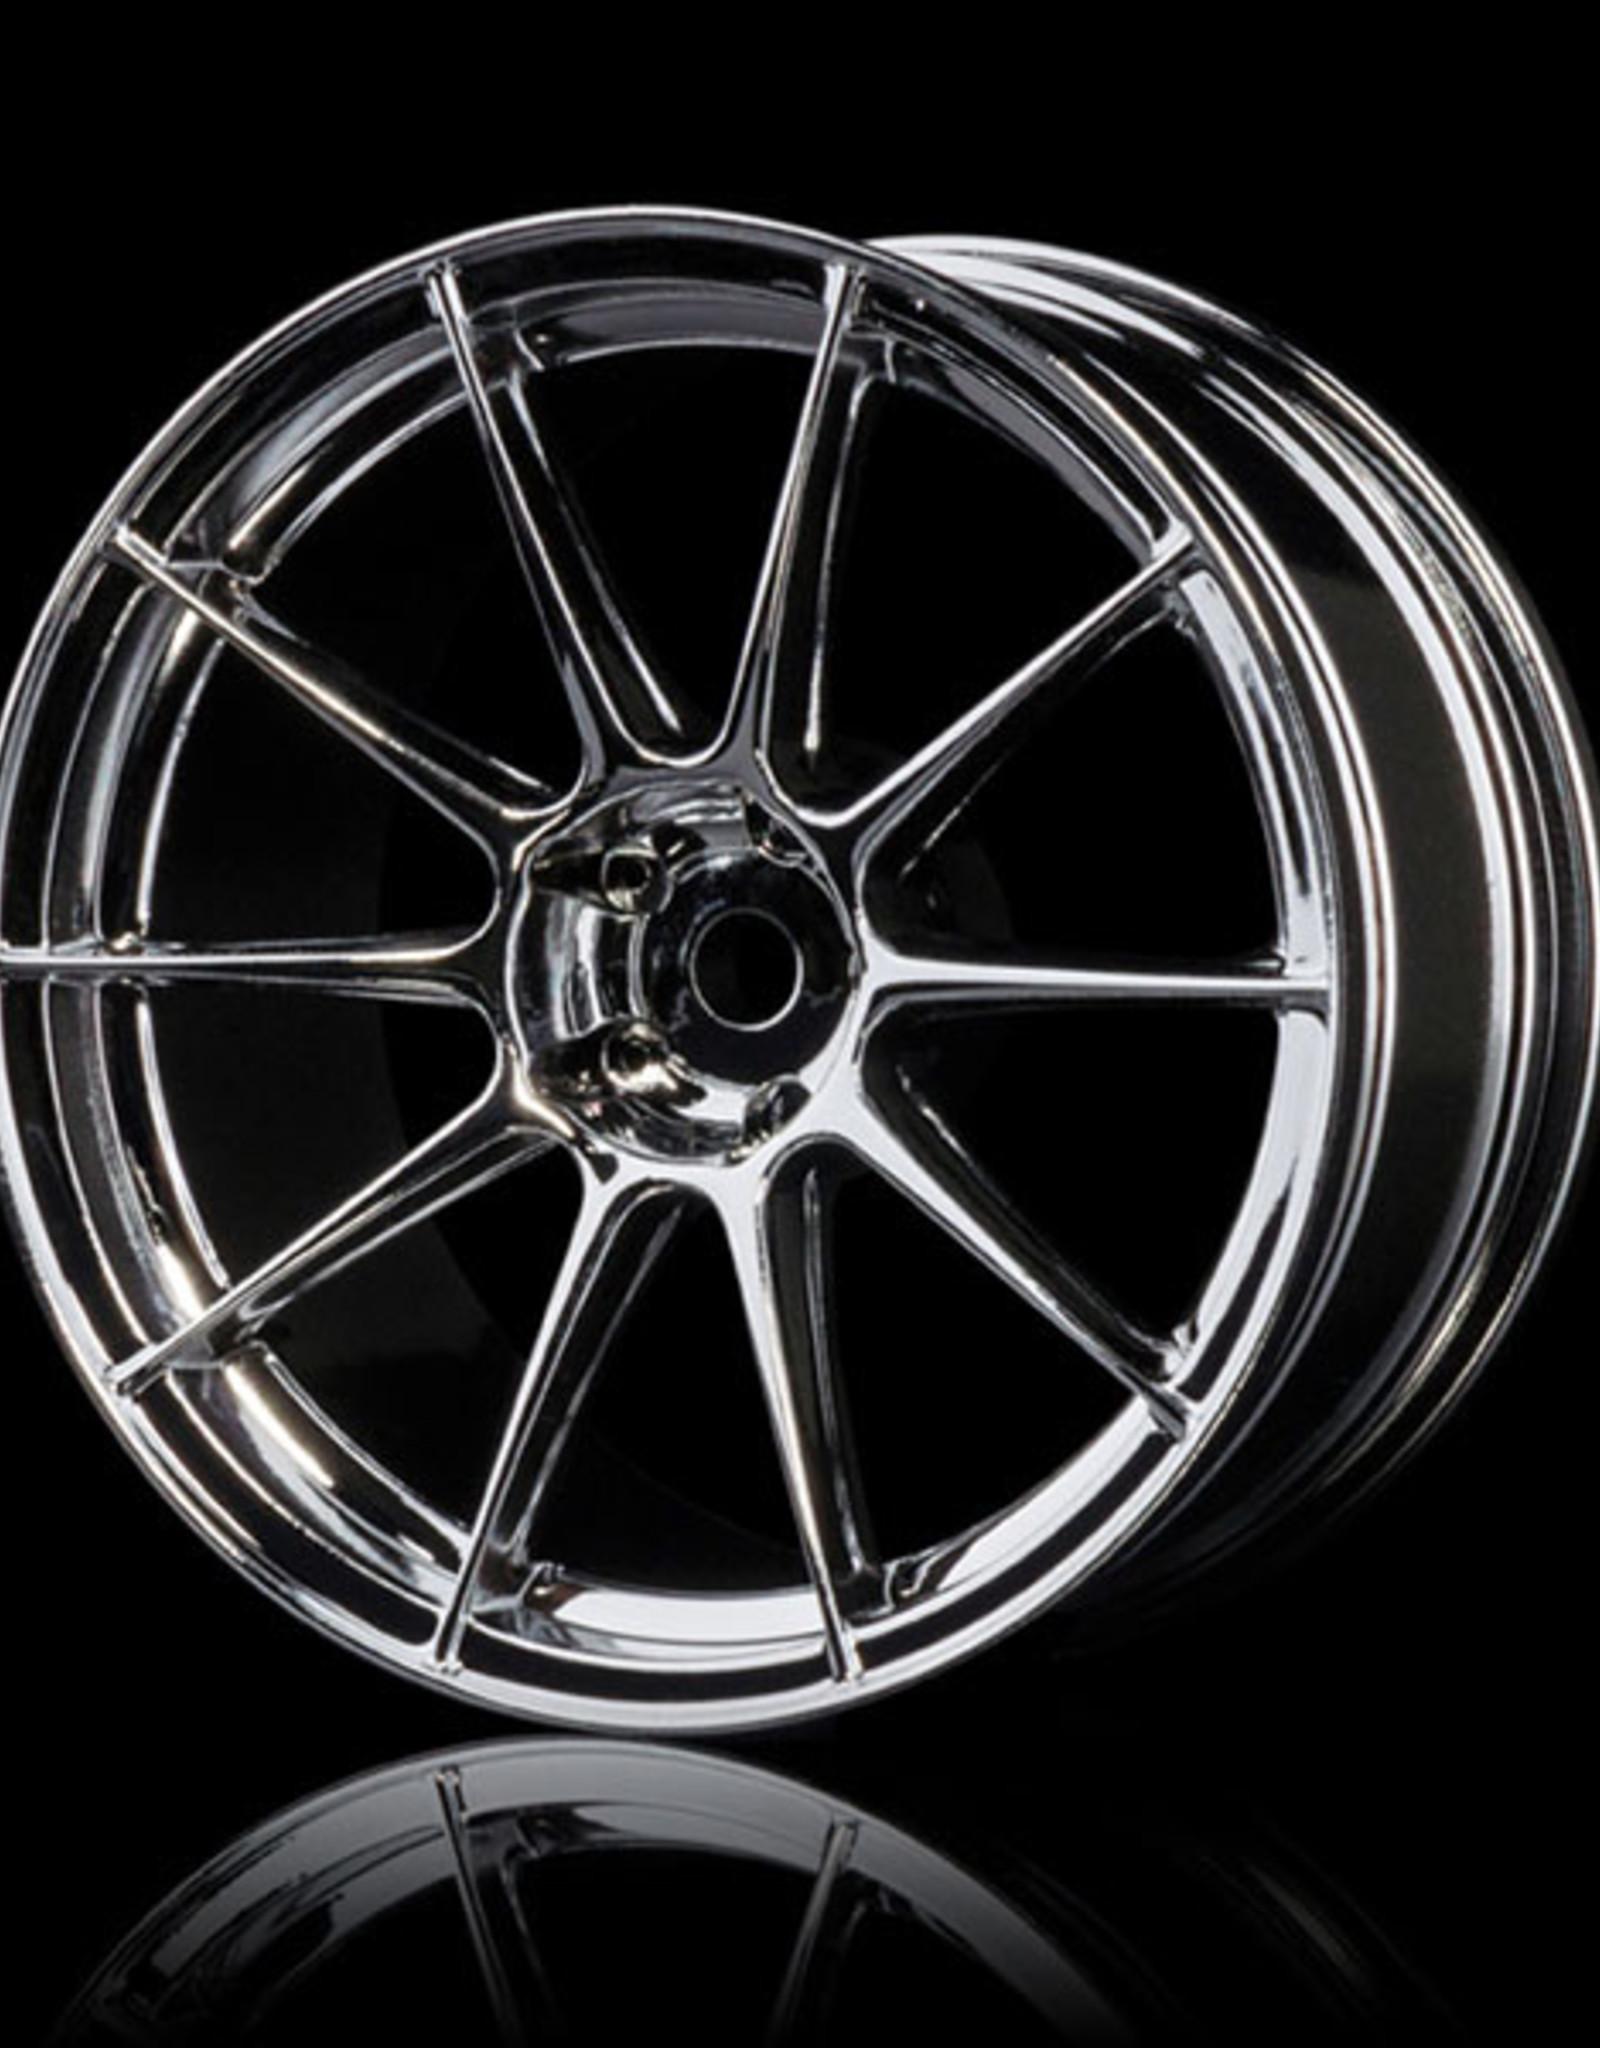 MST 5H Drift Wheel (4pcs) - MST Silver 5mm